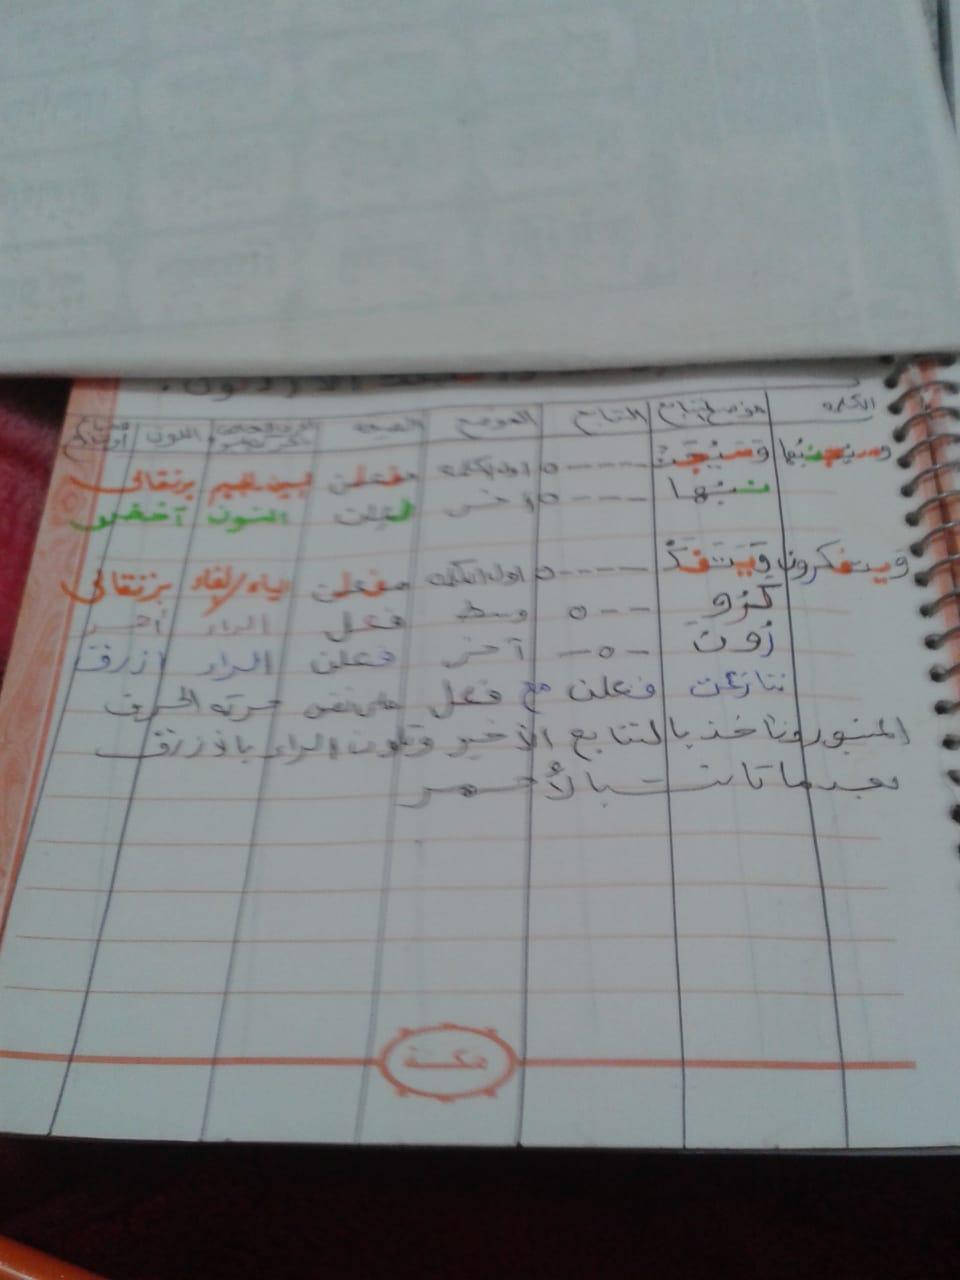 الواجب الثامن / الدورة الخامسة - صفحة 3 Oo_cia19